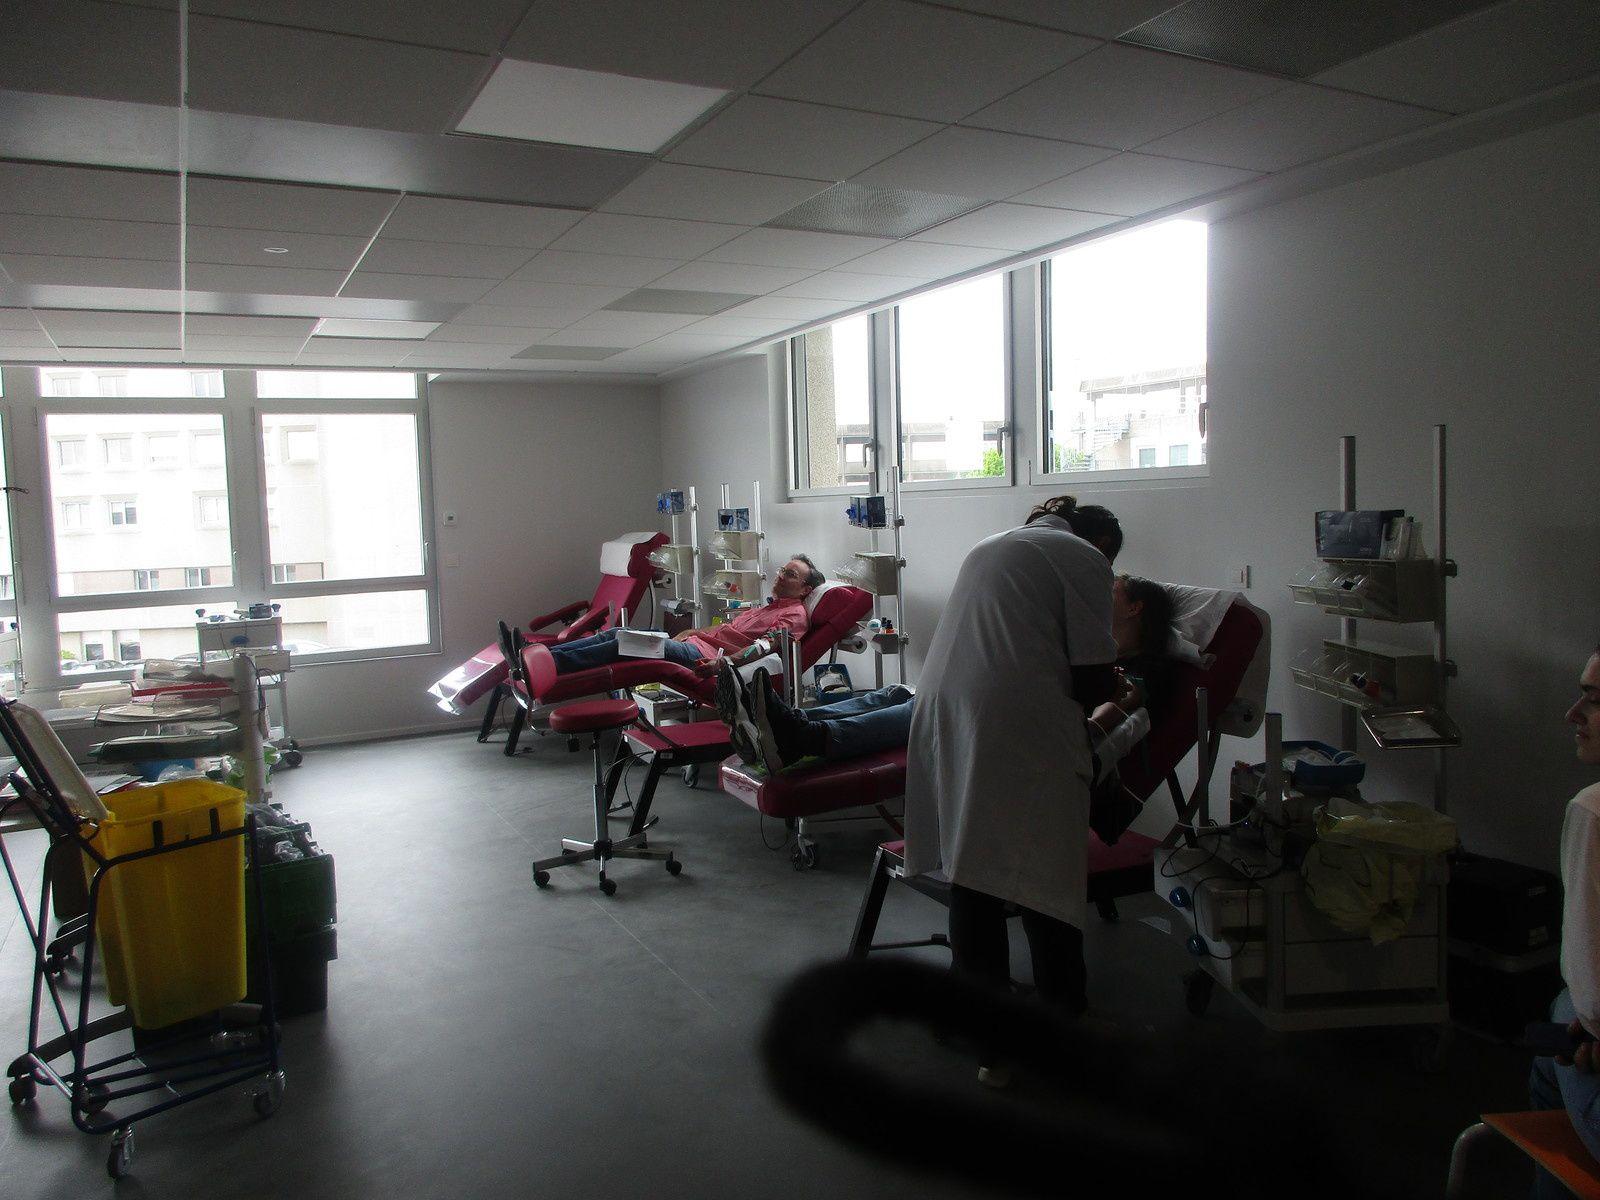 L'accueil des donneurs, le Dr Patrick BENOIT nous présente l'espace d'attente avant l'entretien médical, la salle de prélèvement très vaste, avec cet espace don de SANG TOTAL, au milieu les dons de PLASMA et à l'autre extrémité les dons de PLAQUETTES, puis enfin l'espace collation.